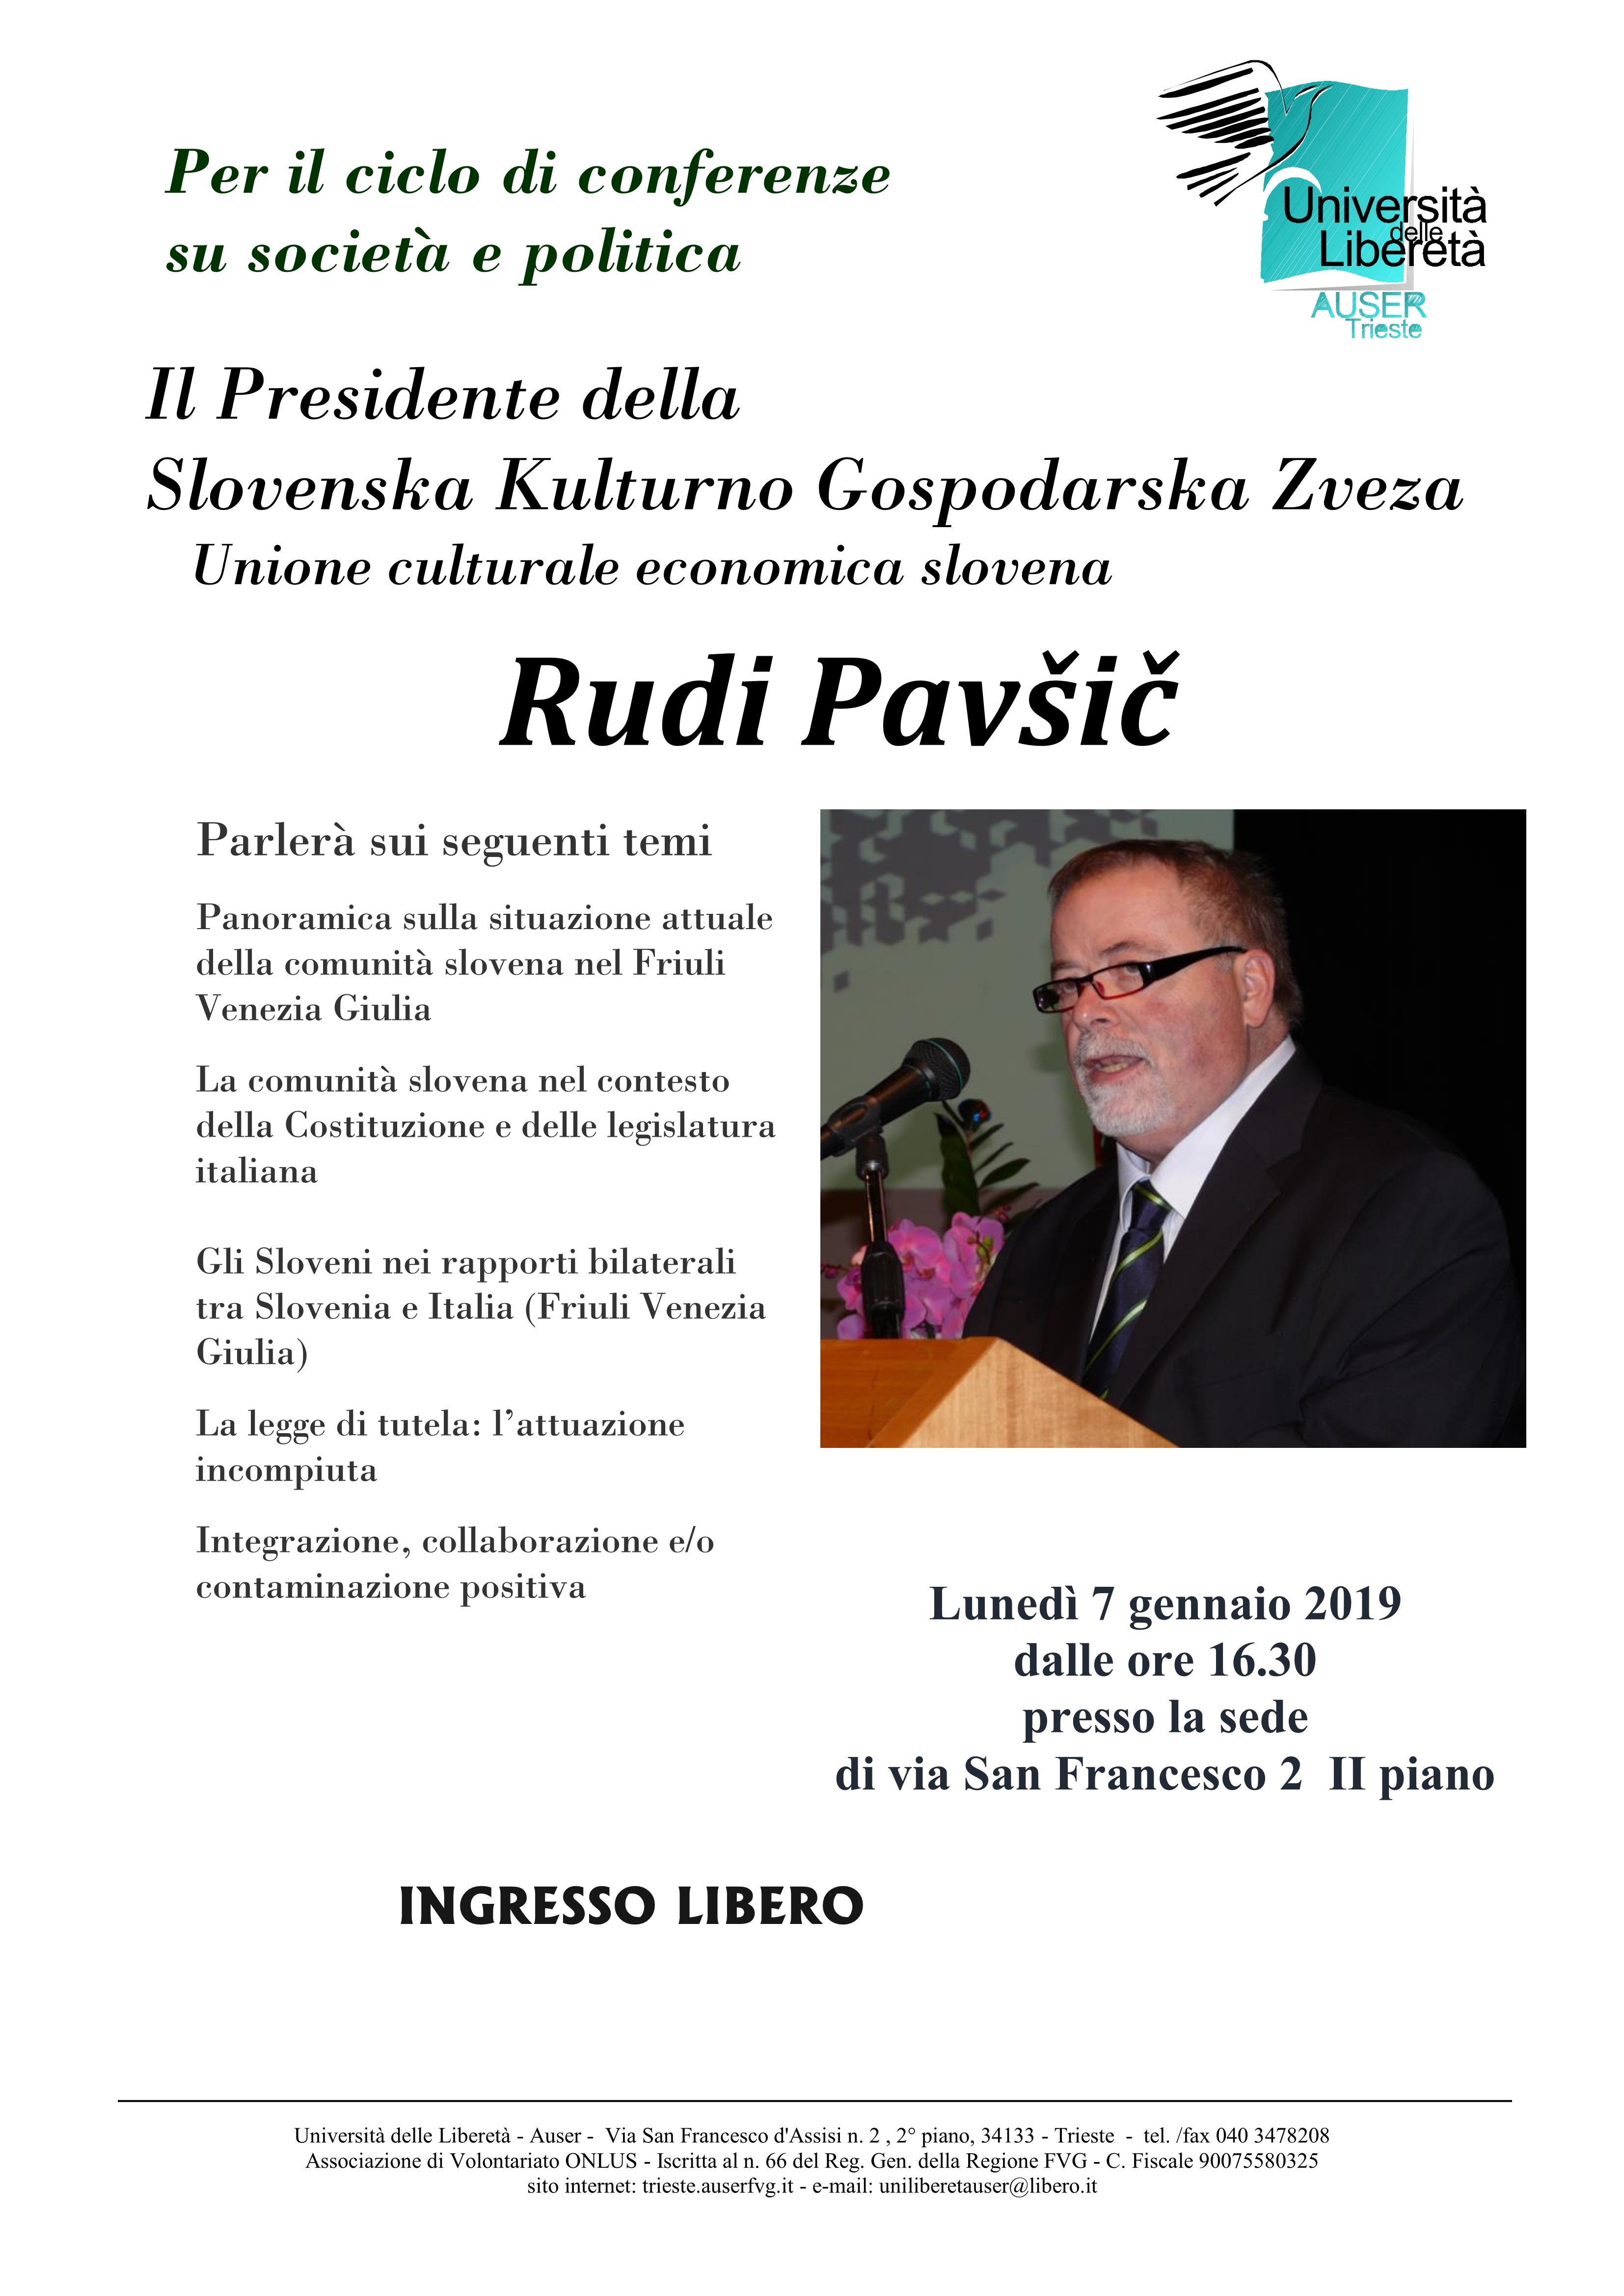 Pavsic1